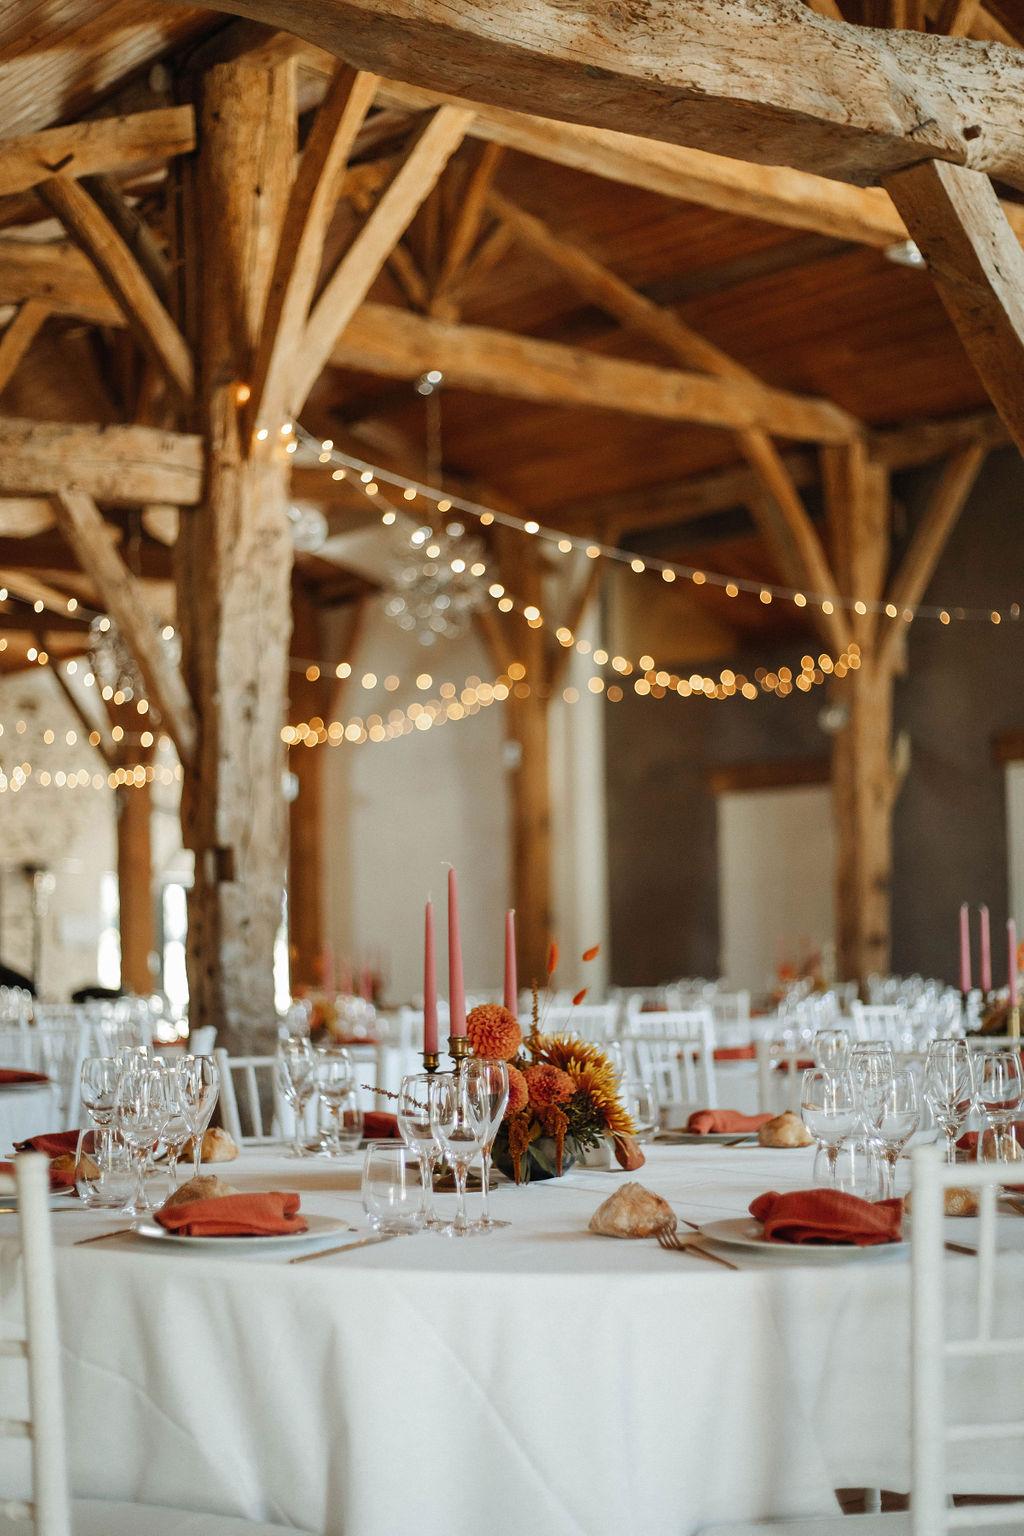 decoration salle de mariage décoratrice nantes vendee